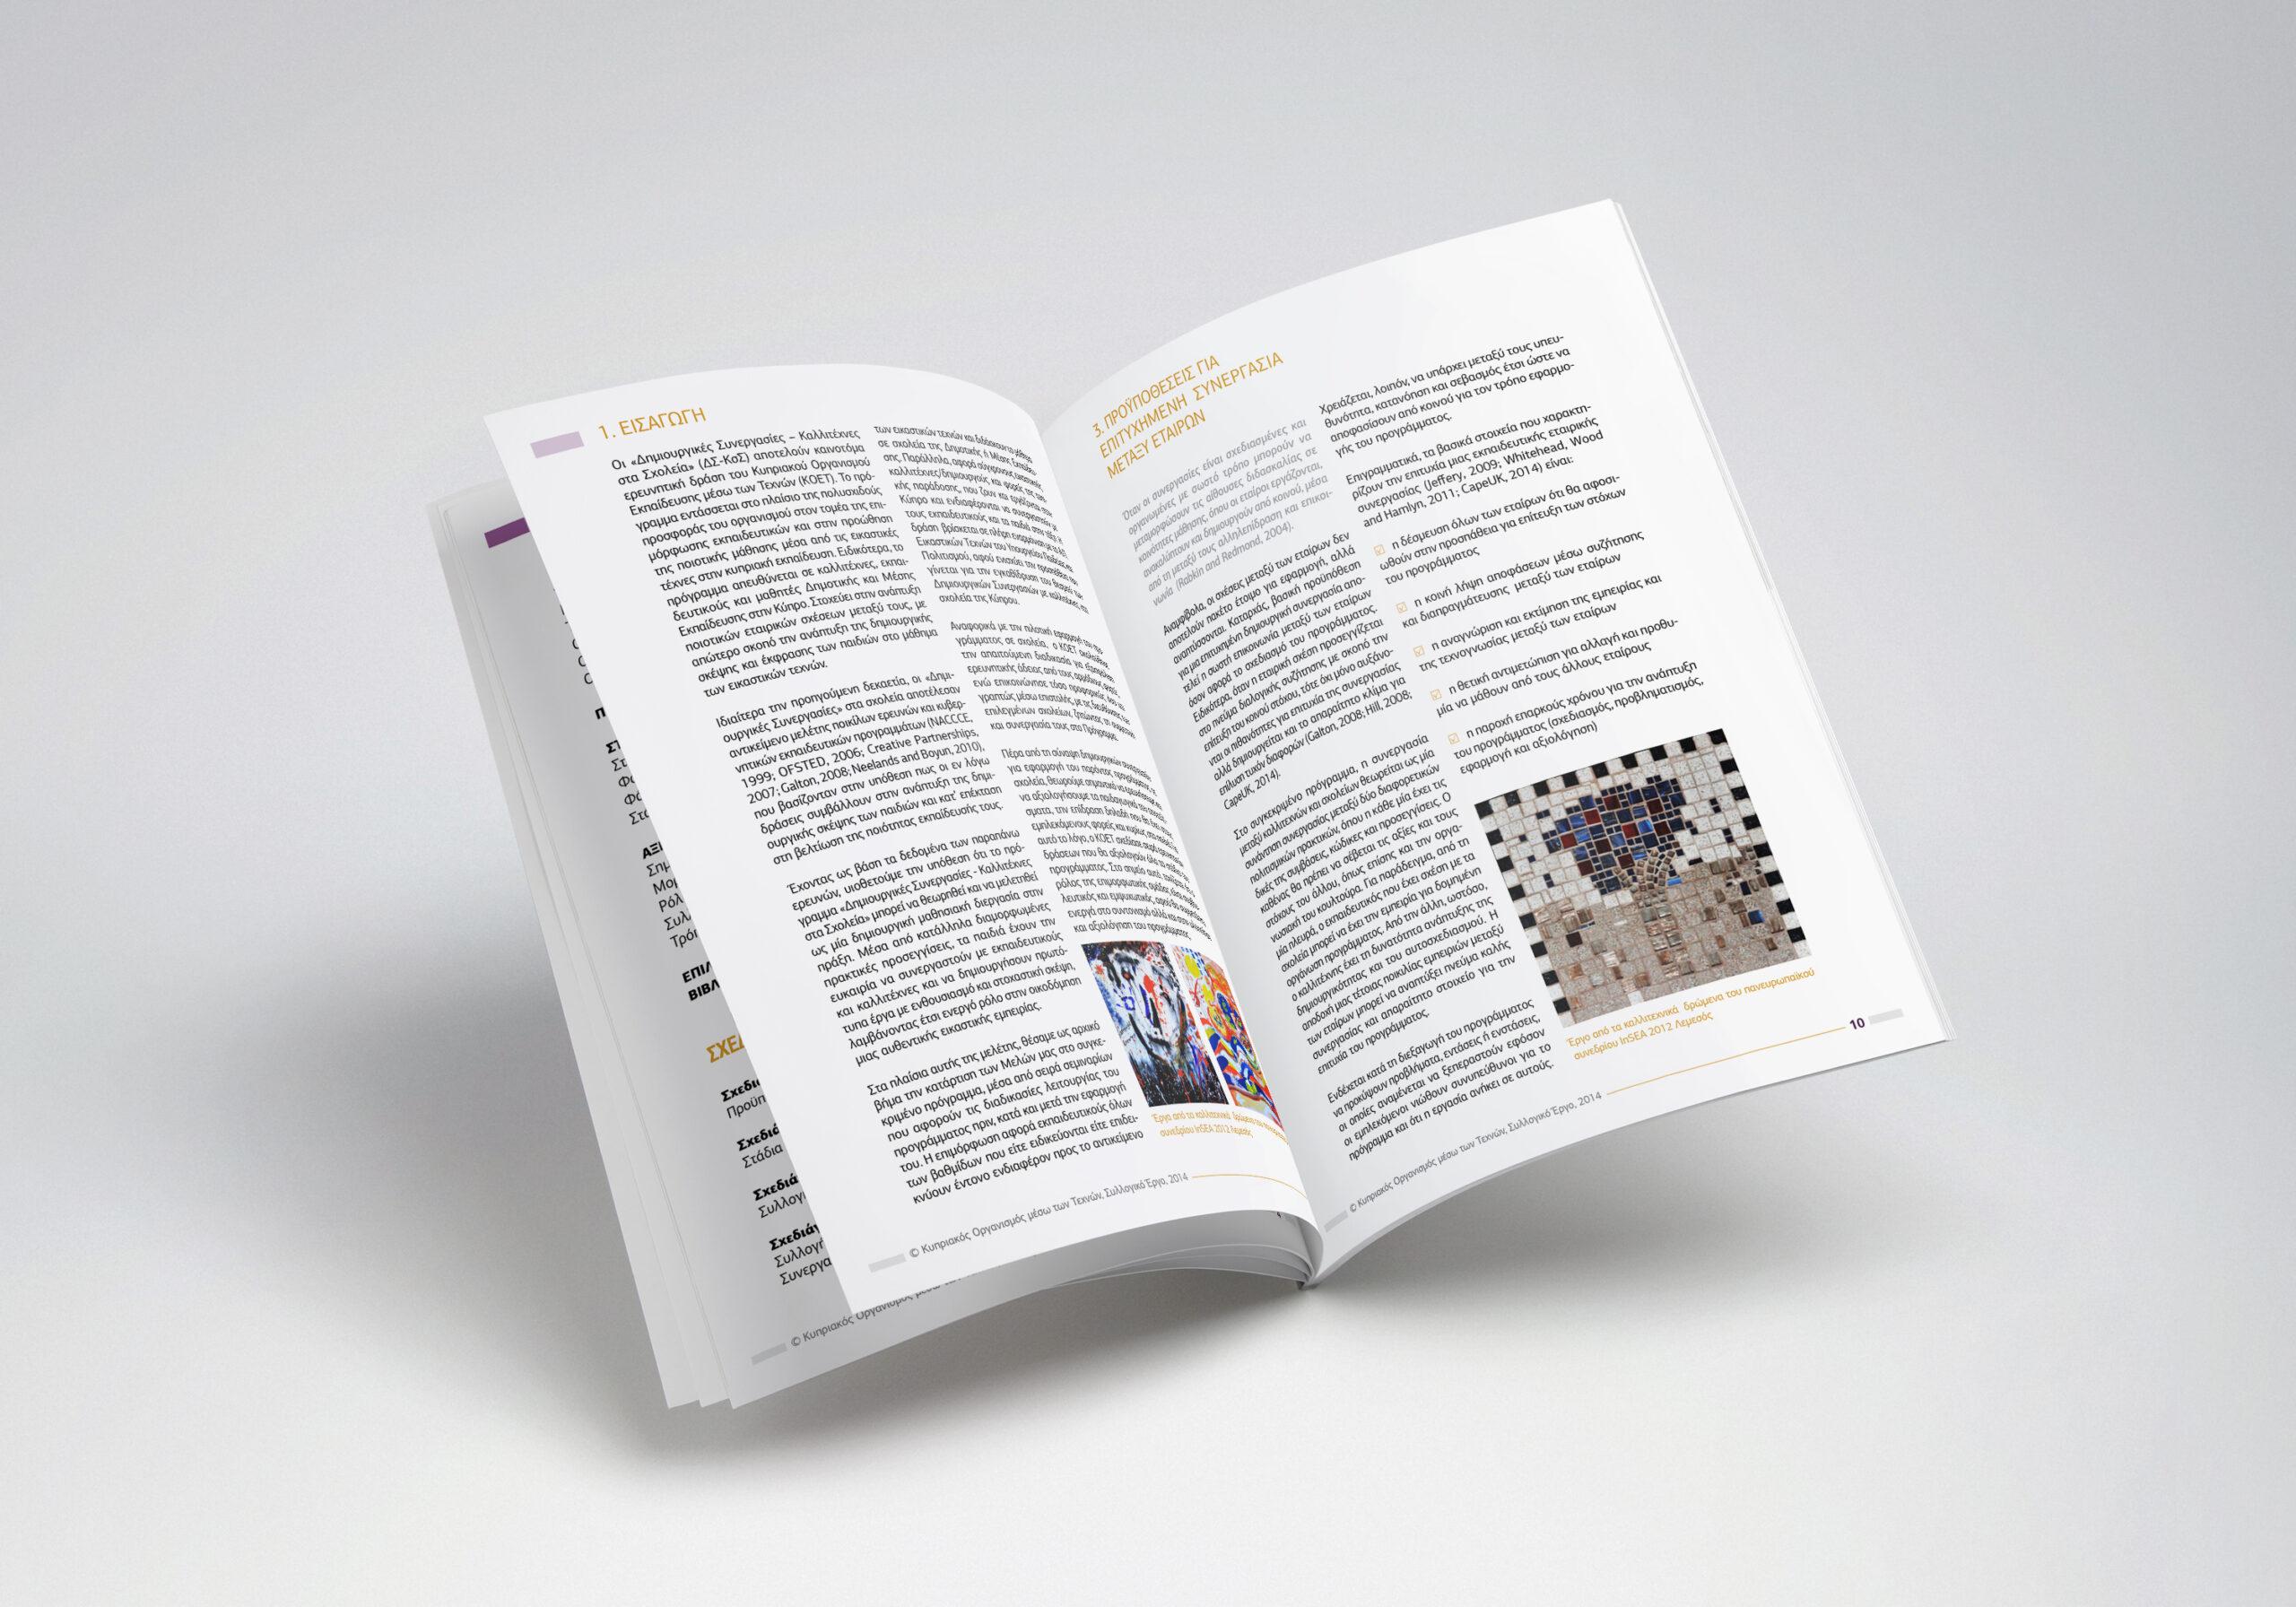 KOET E-BOOK DESIGN